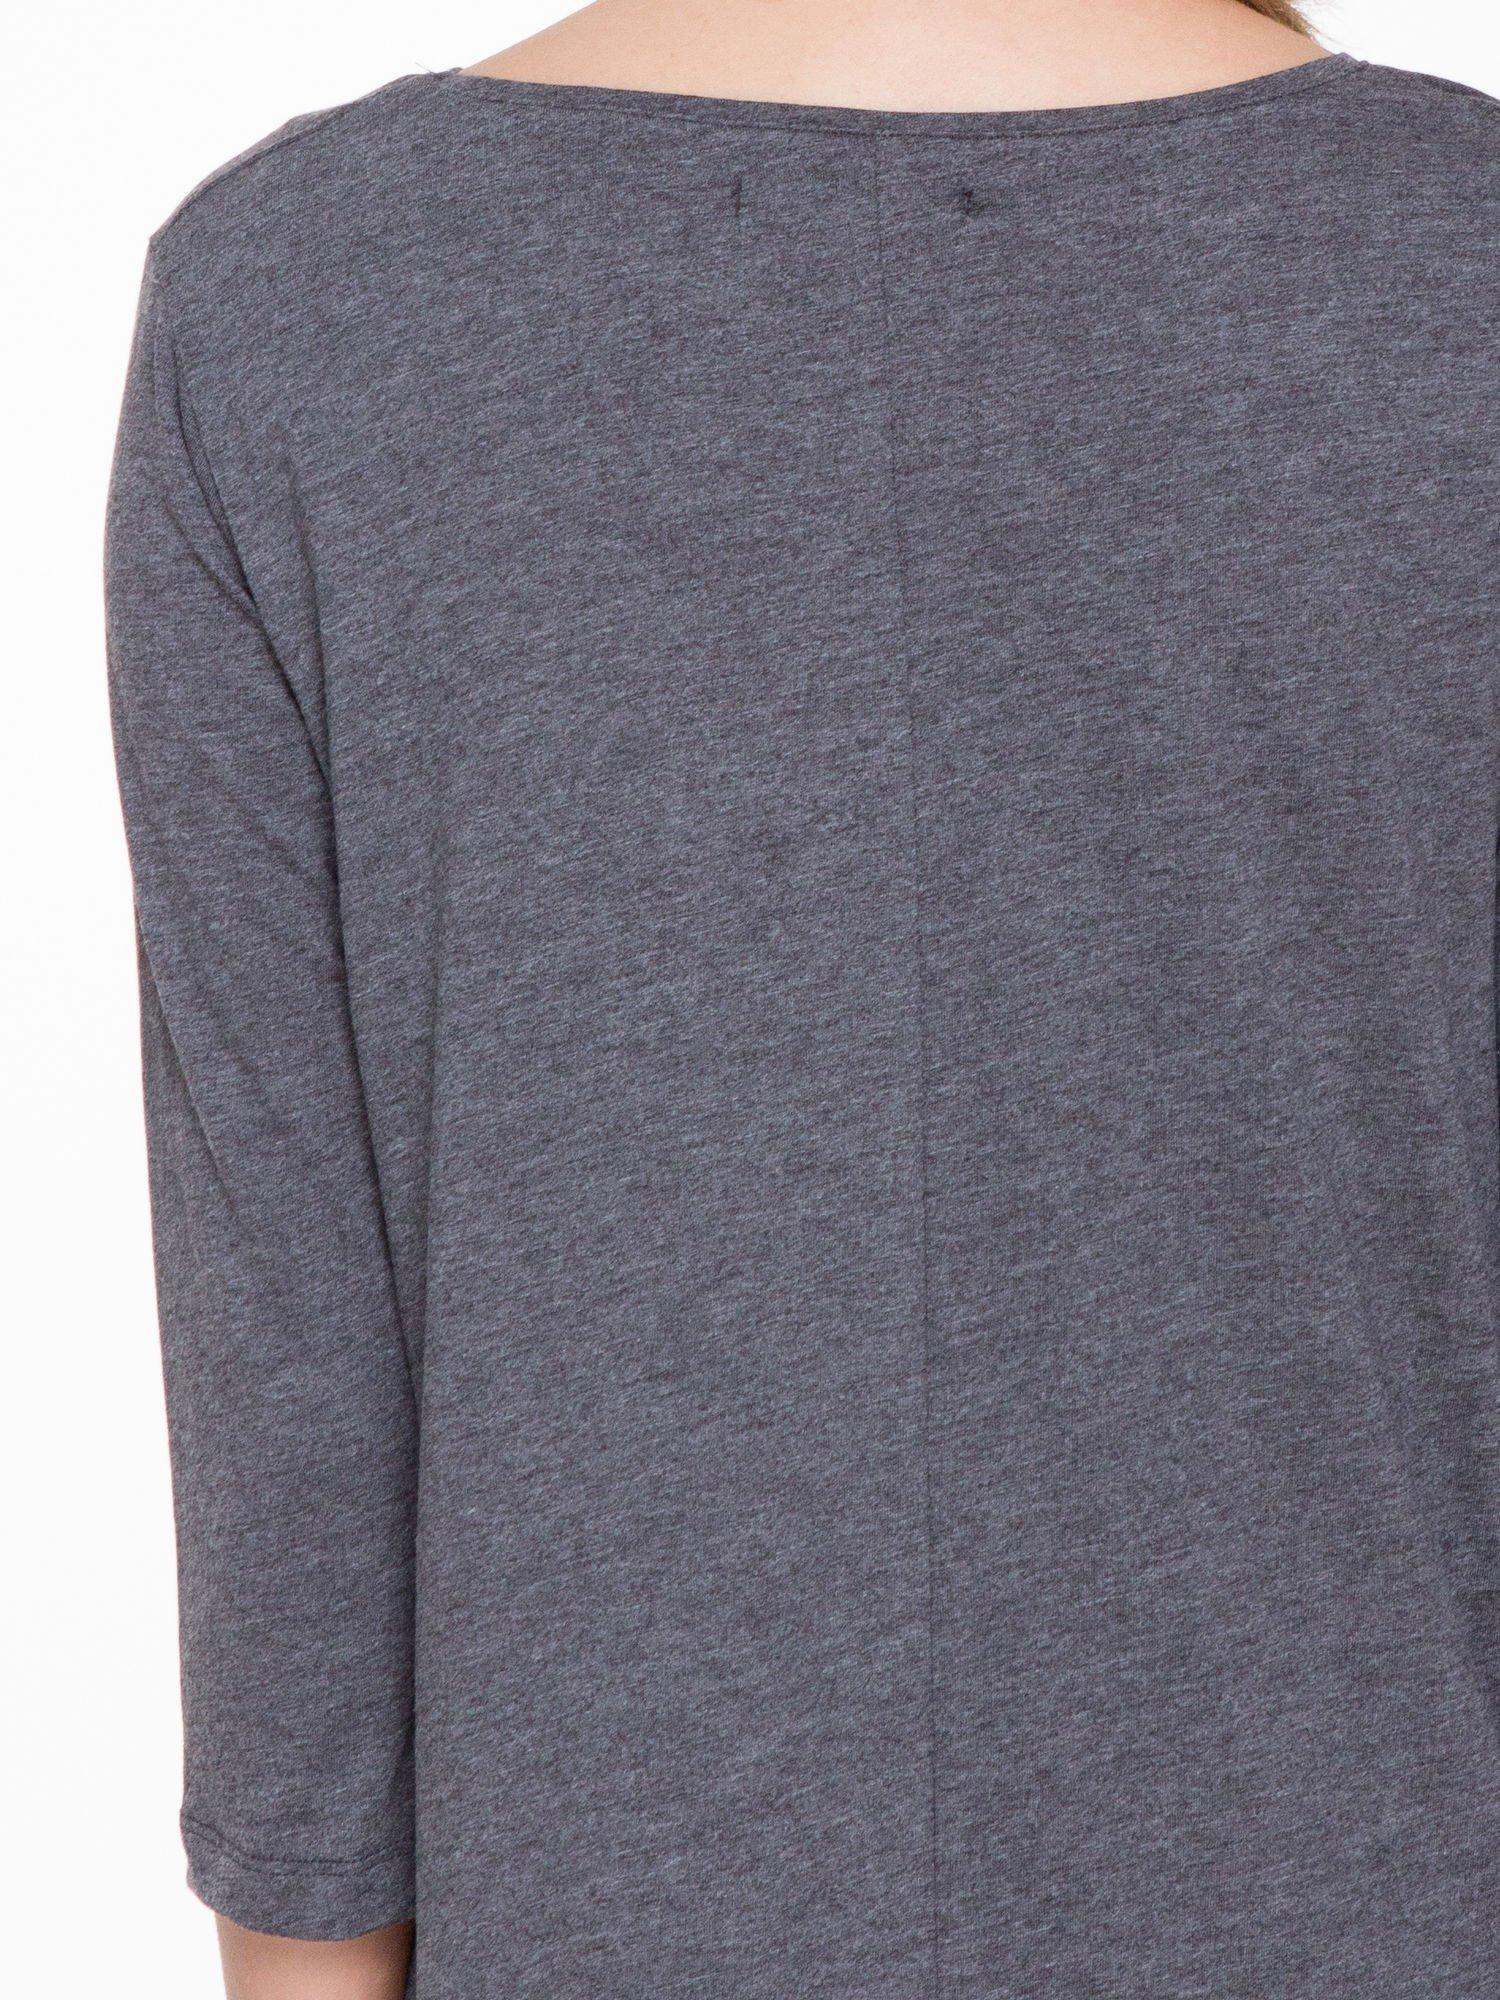 Ciemnoszara bluzka o rozkloszowanym kroju z rękawem 3/4                                  zdj.                                  5